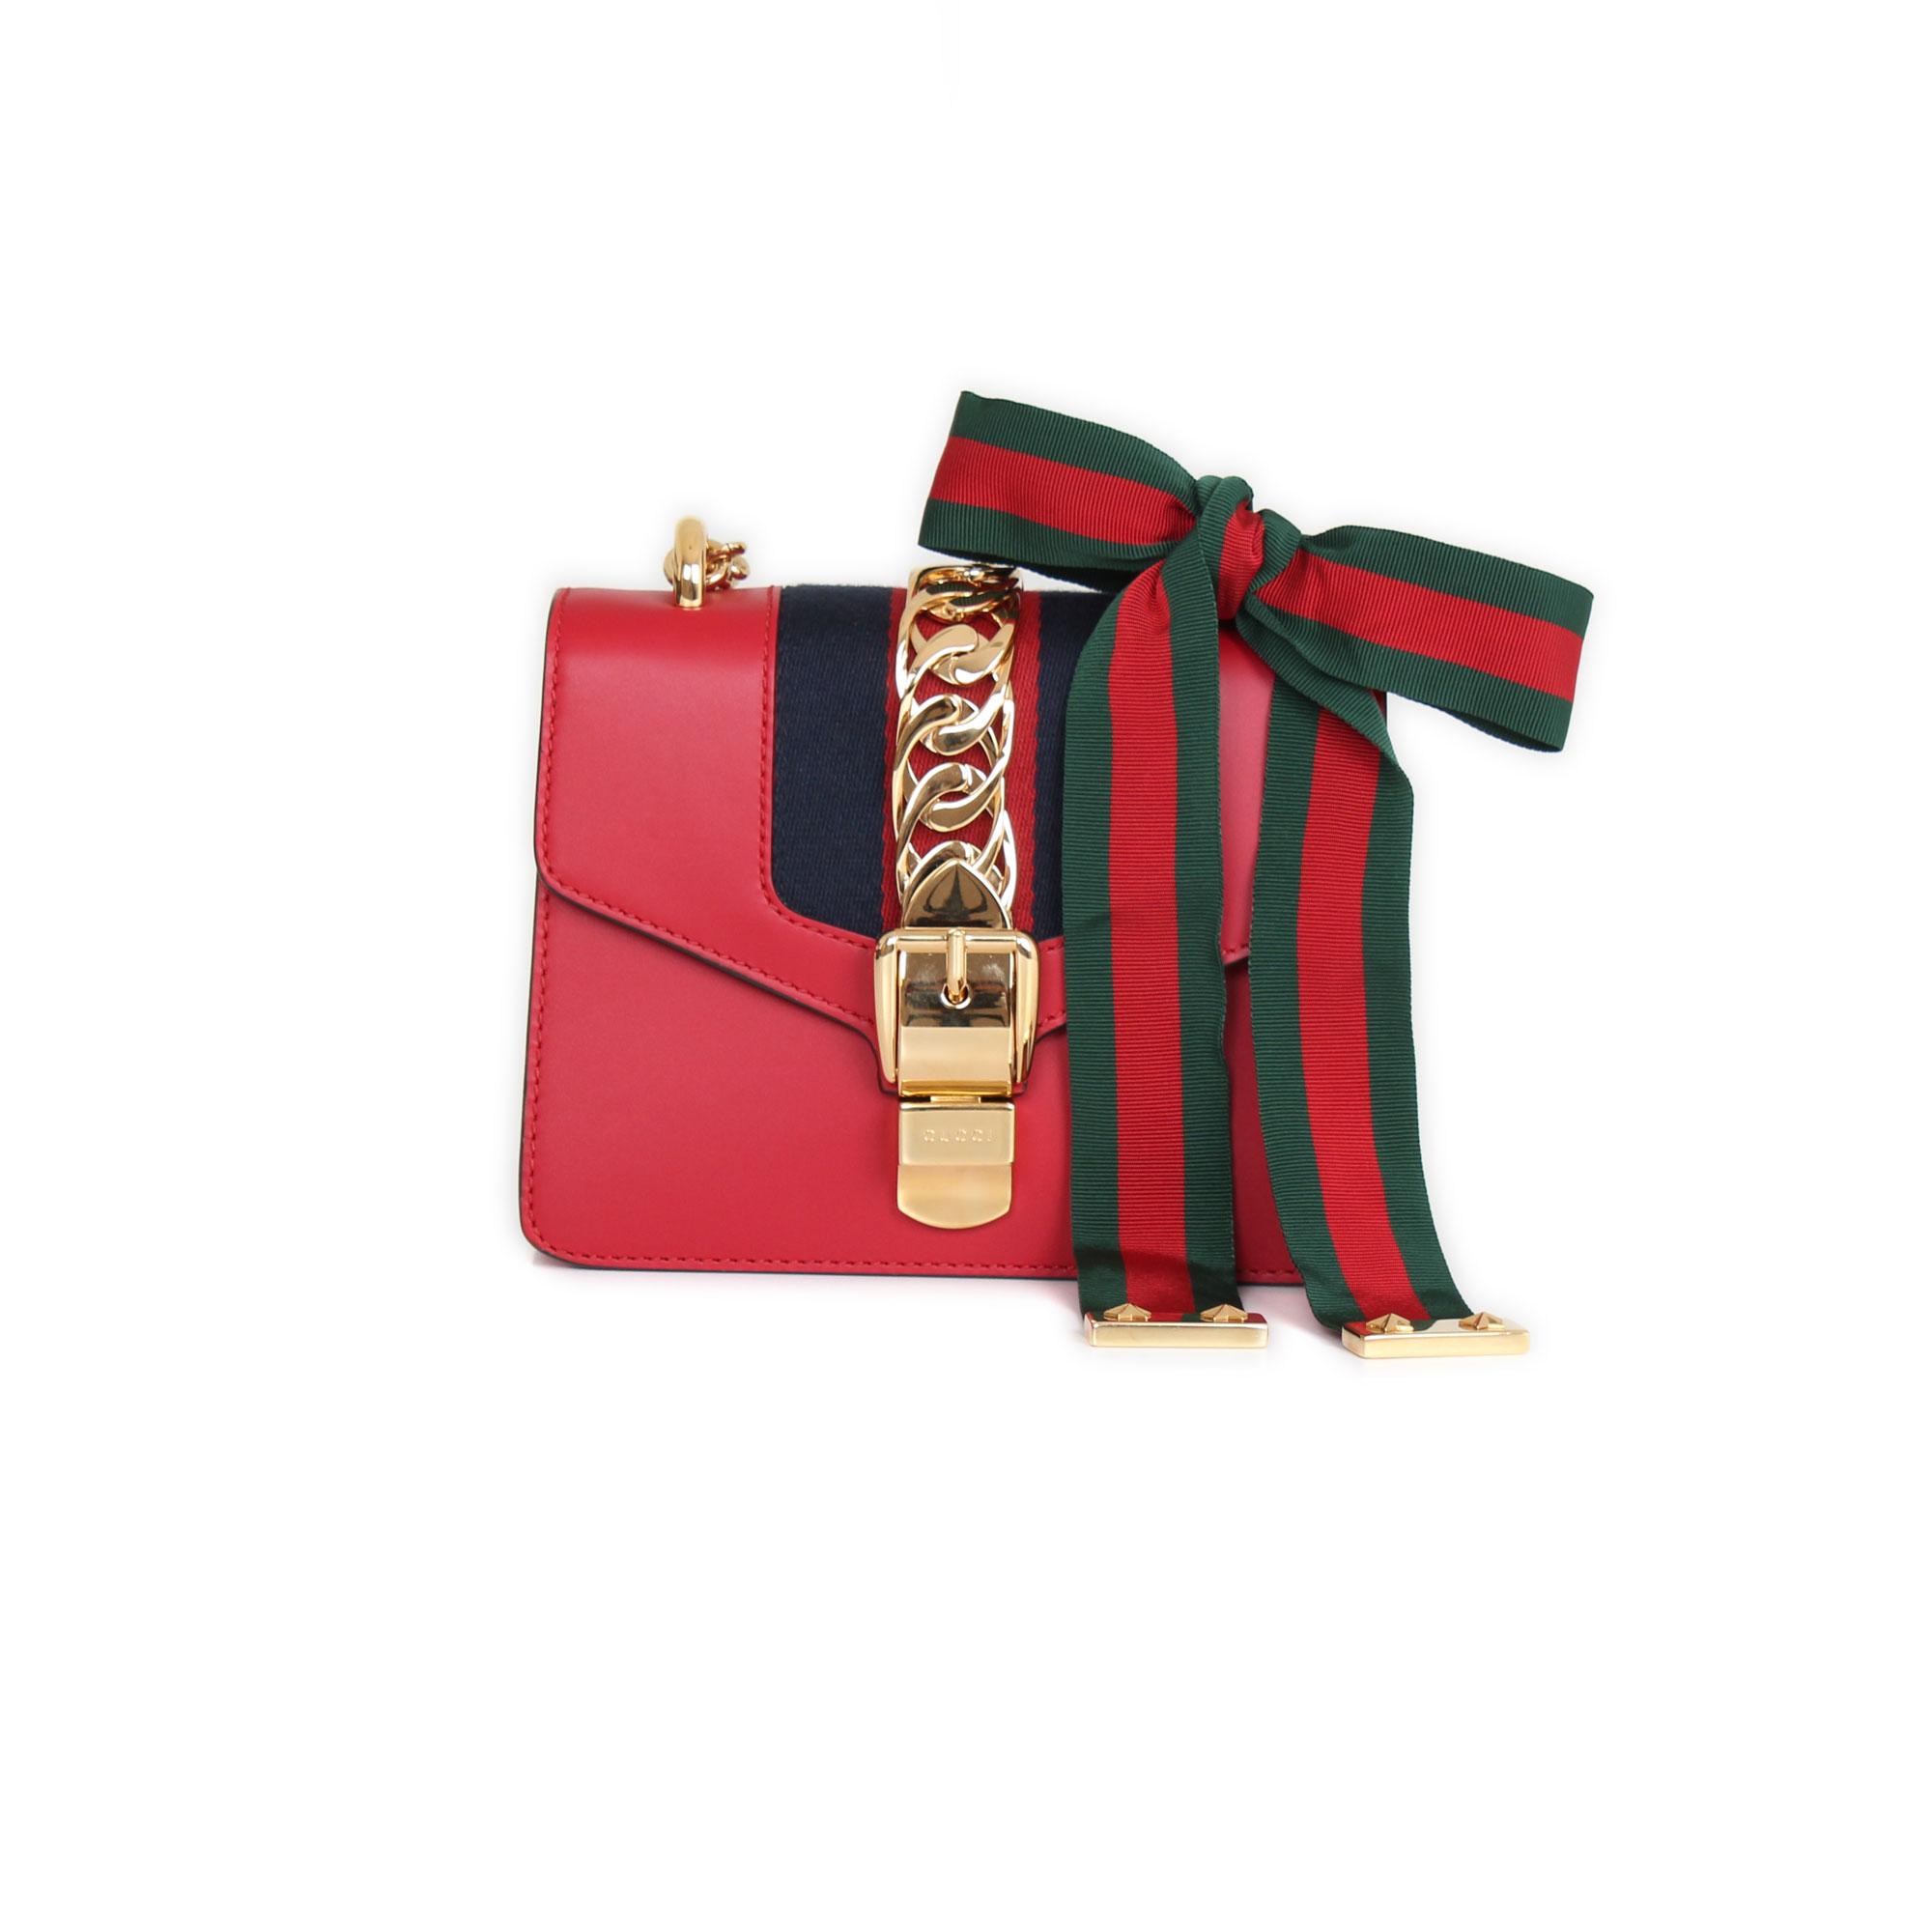 7d2ec1afd174 Bolso Gucci Mini Sylvie. Gucci Mini Sylvie Handbag